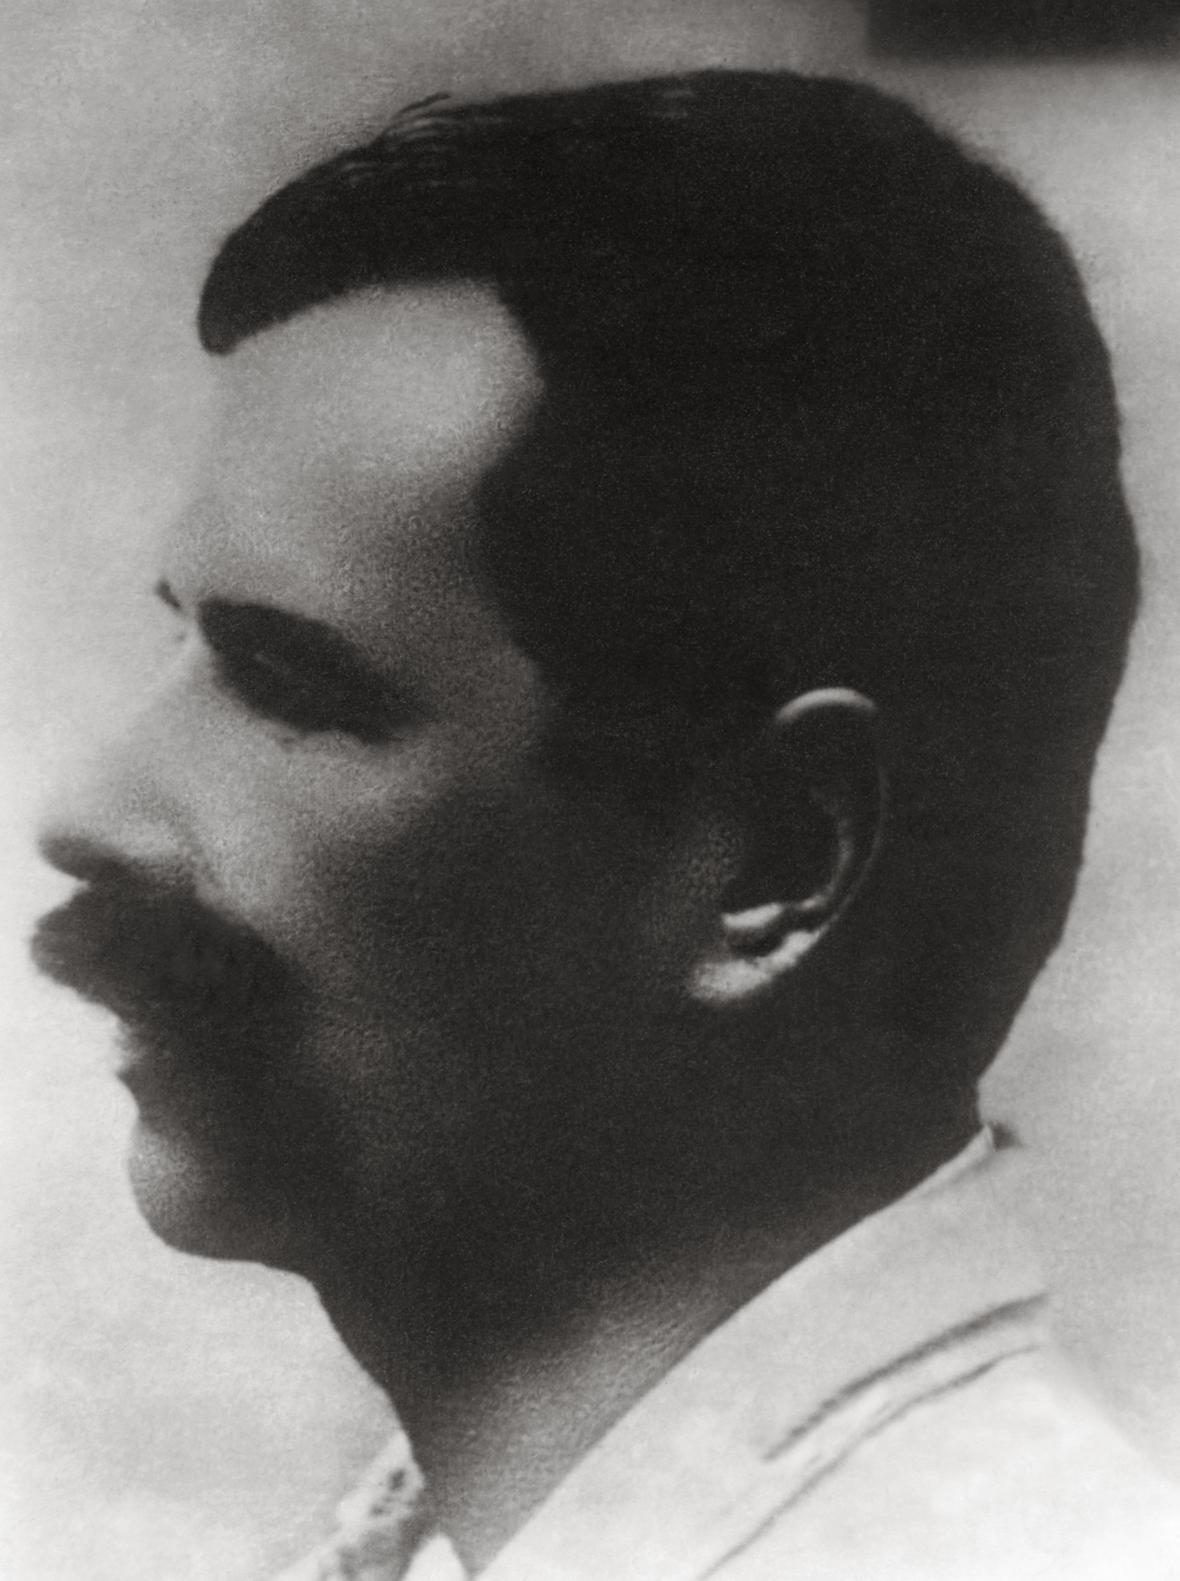 Fotografie Petra Bezruče uveřejněná v roce 1928; tehdy česká veřejnost poprvé zjistila, jak básník vypadá